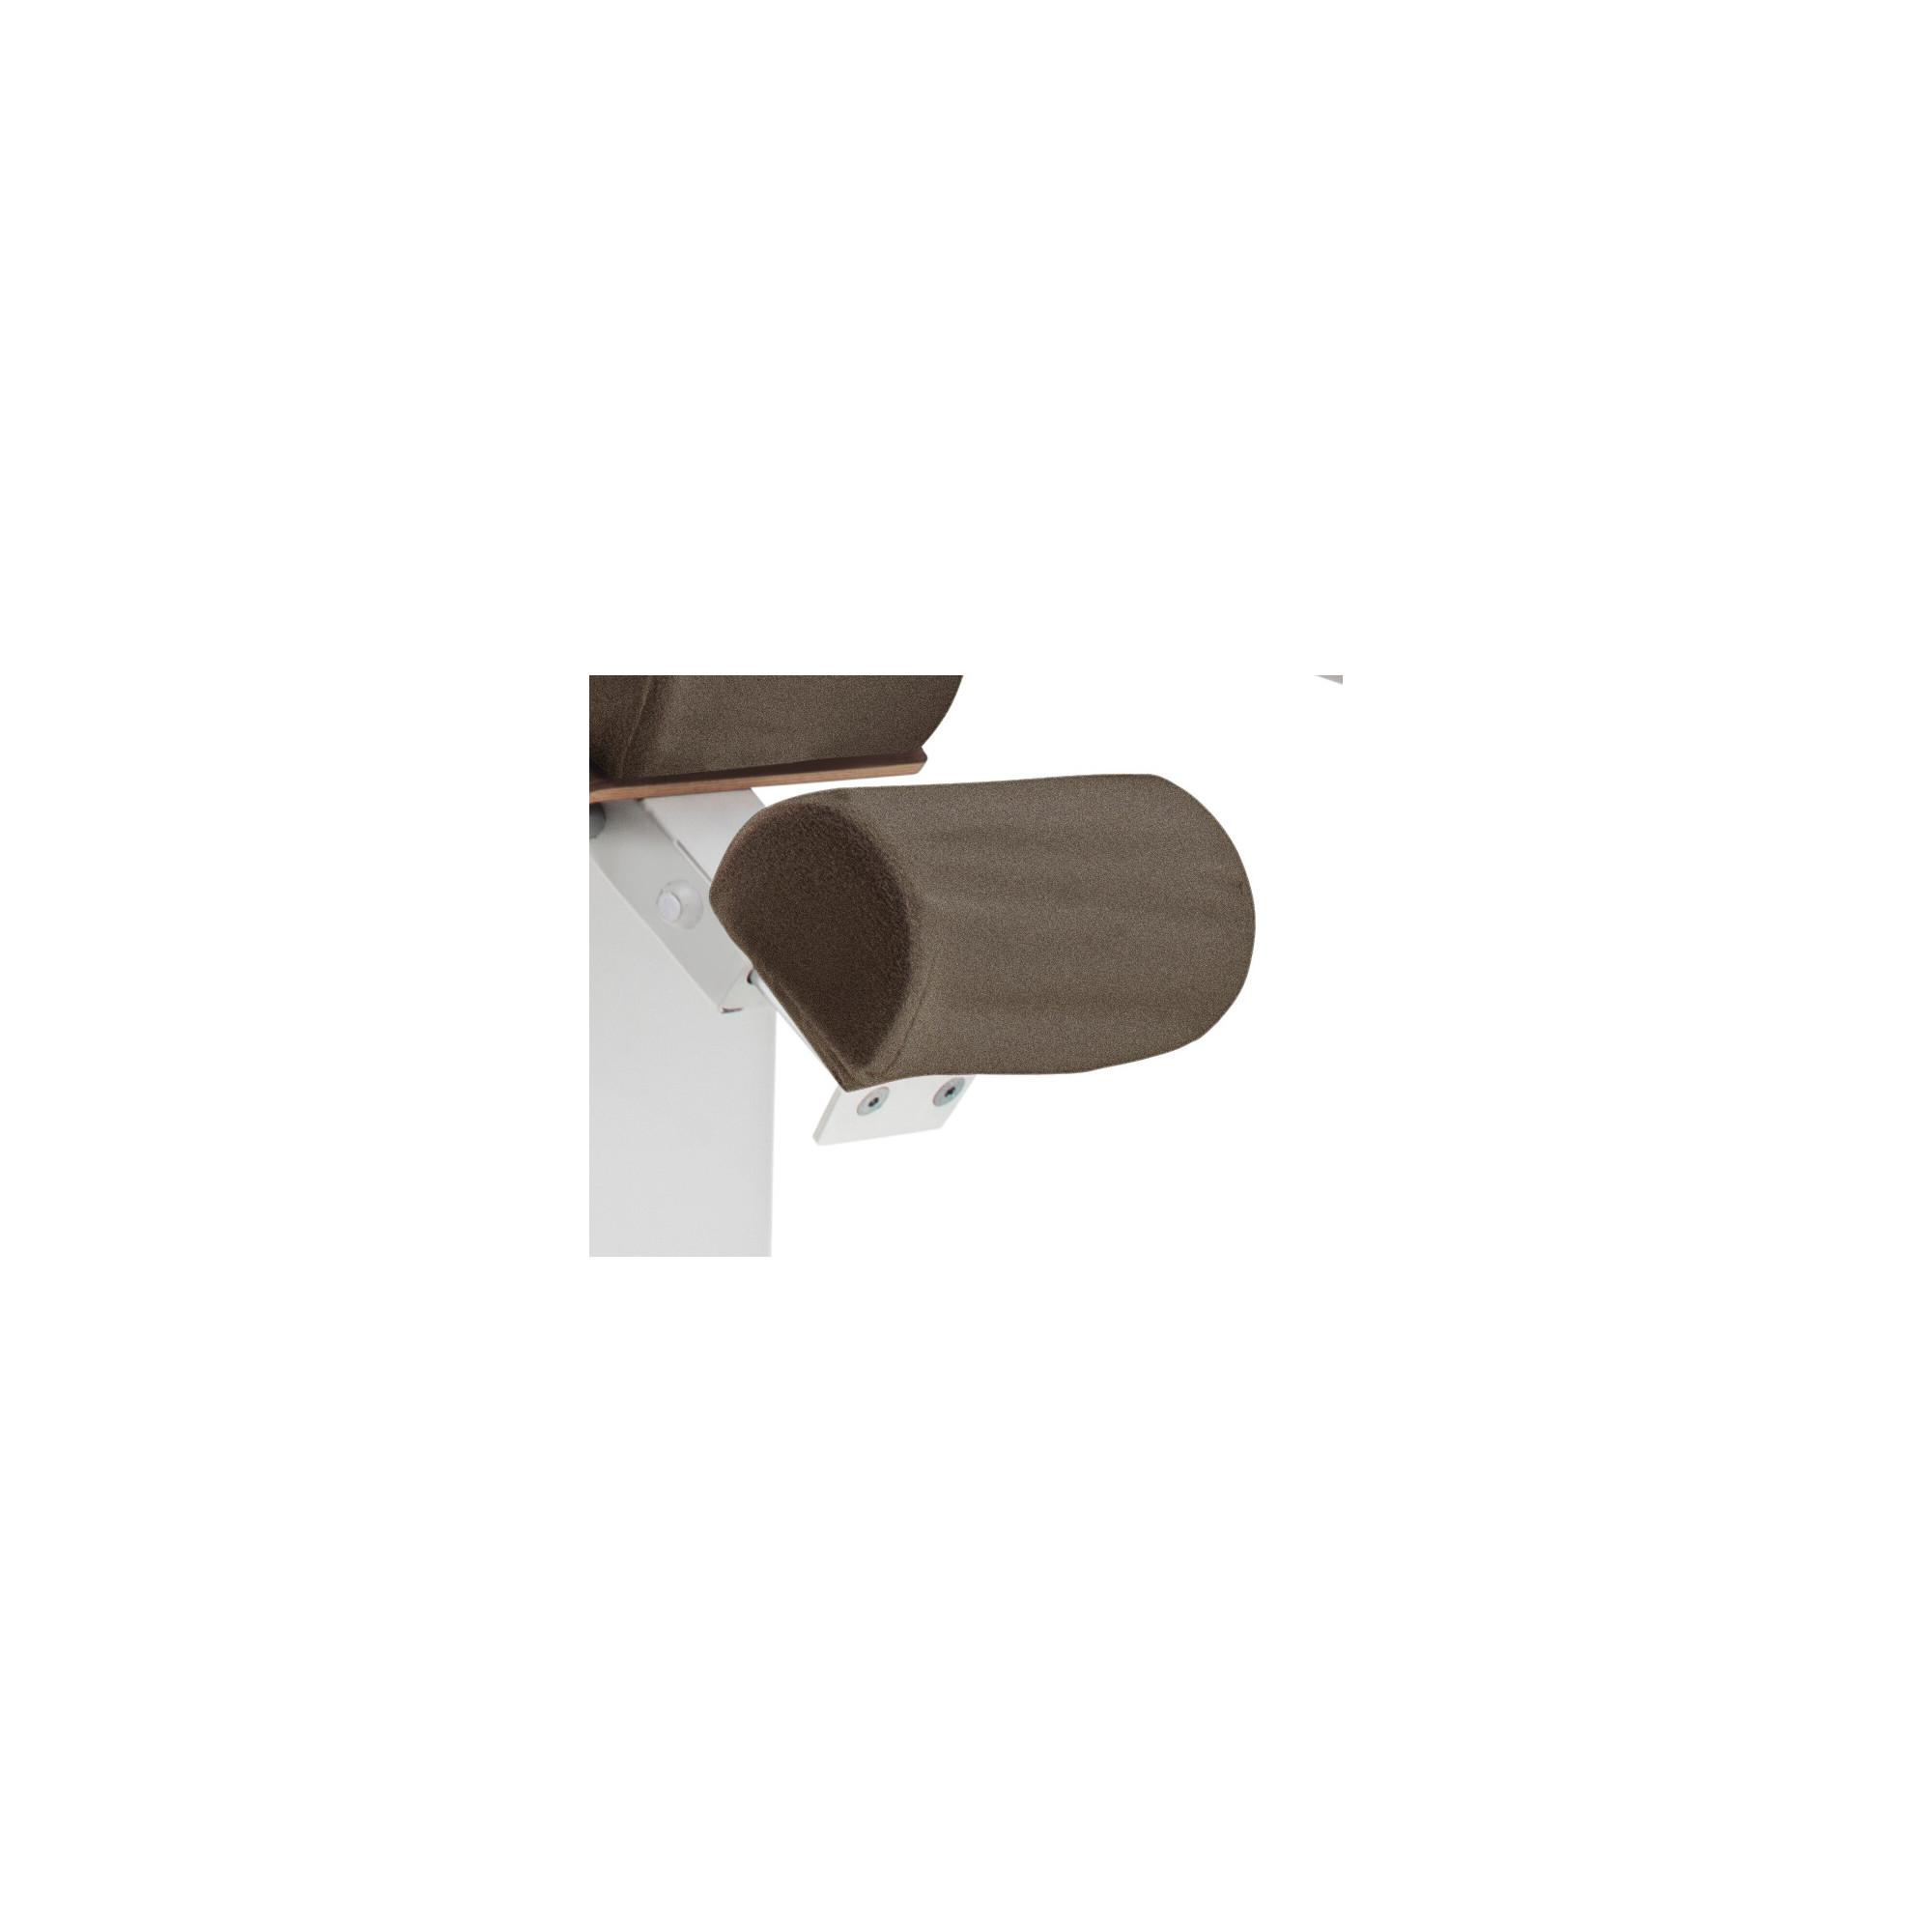 Option Fauteuil - Housse étanche coussinets - Moon Professional - Ruck